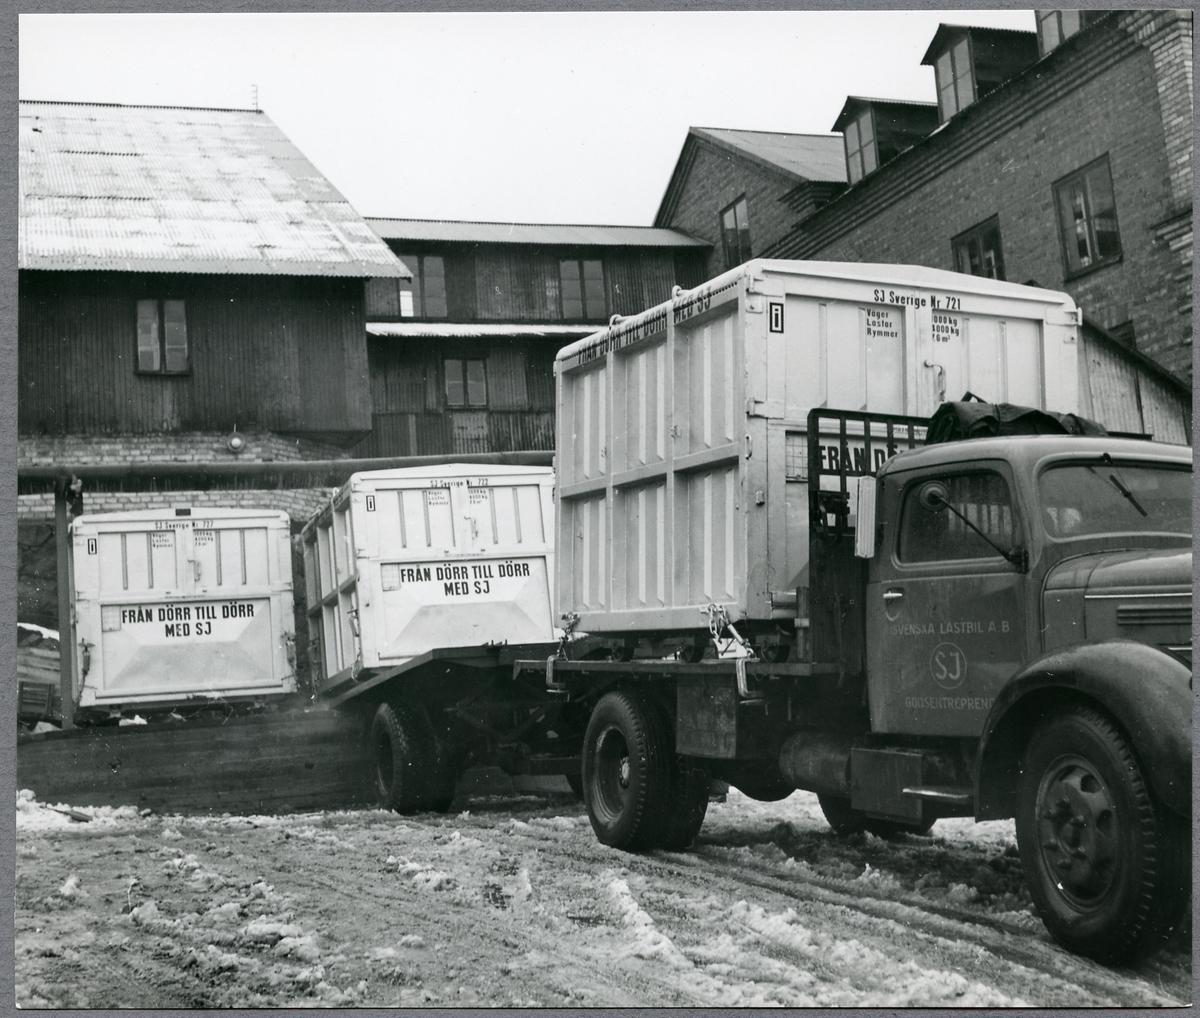 Statens Järnvägar, SJ, från dörr till dörr transport av containrar.